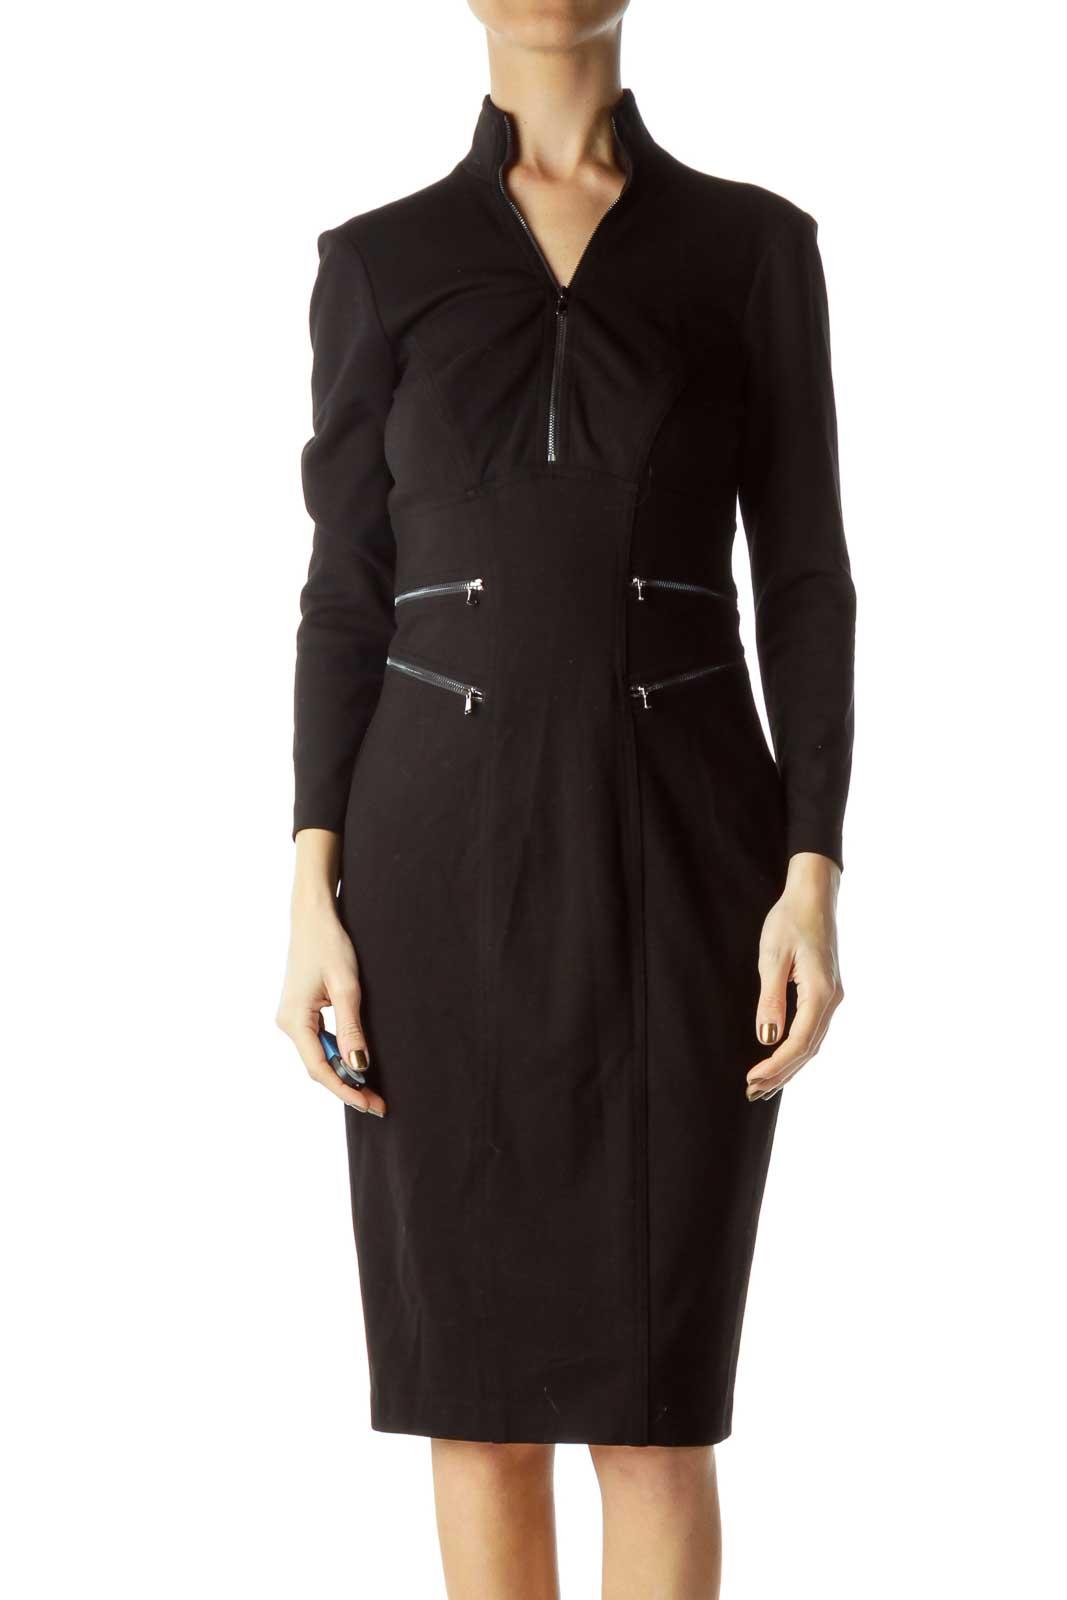 Black Zipper Detail Bodycon Dress